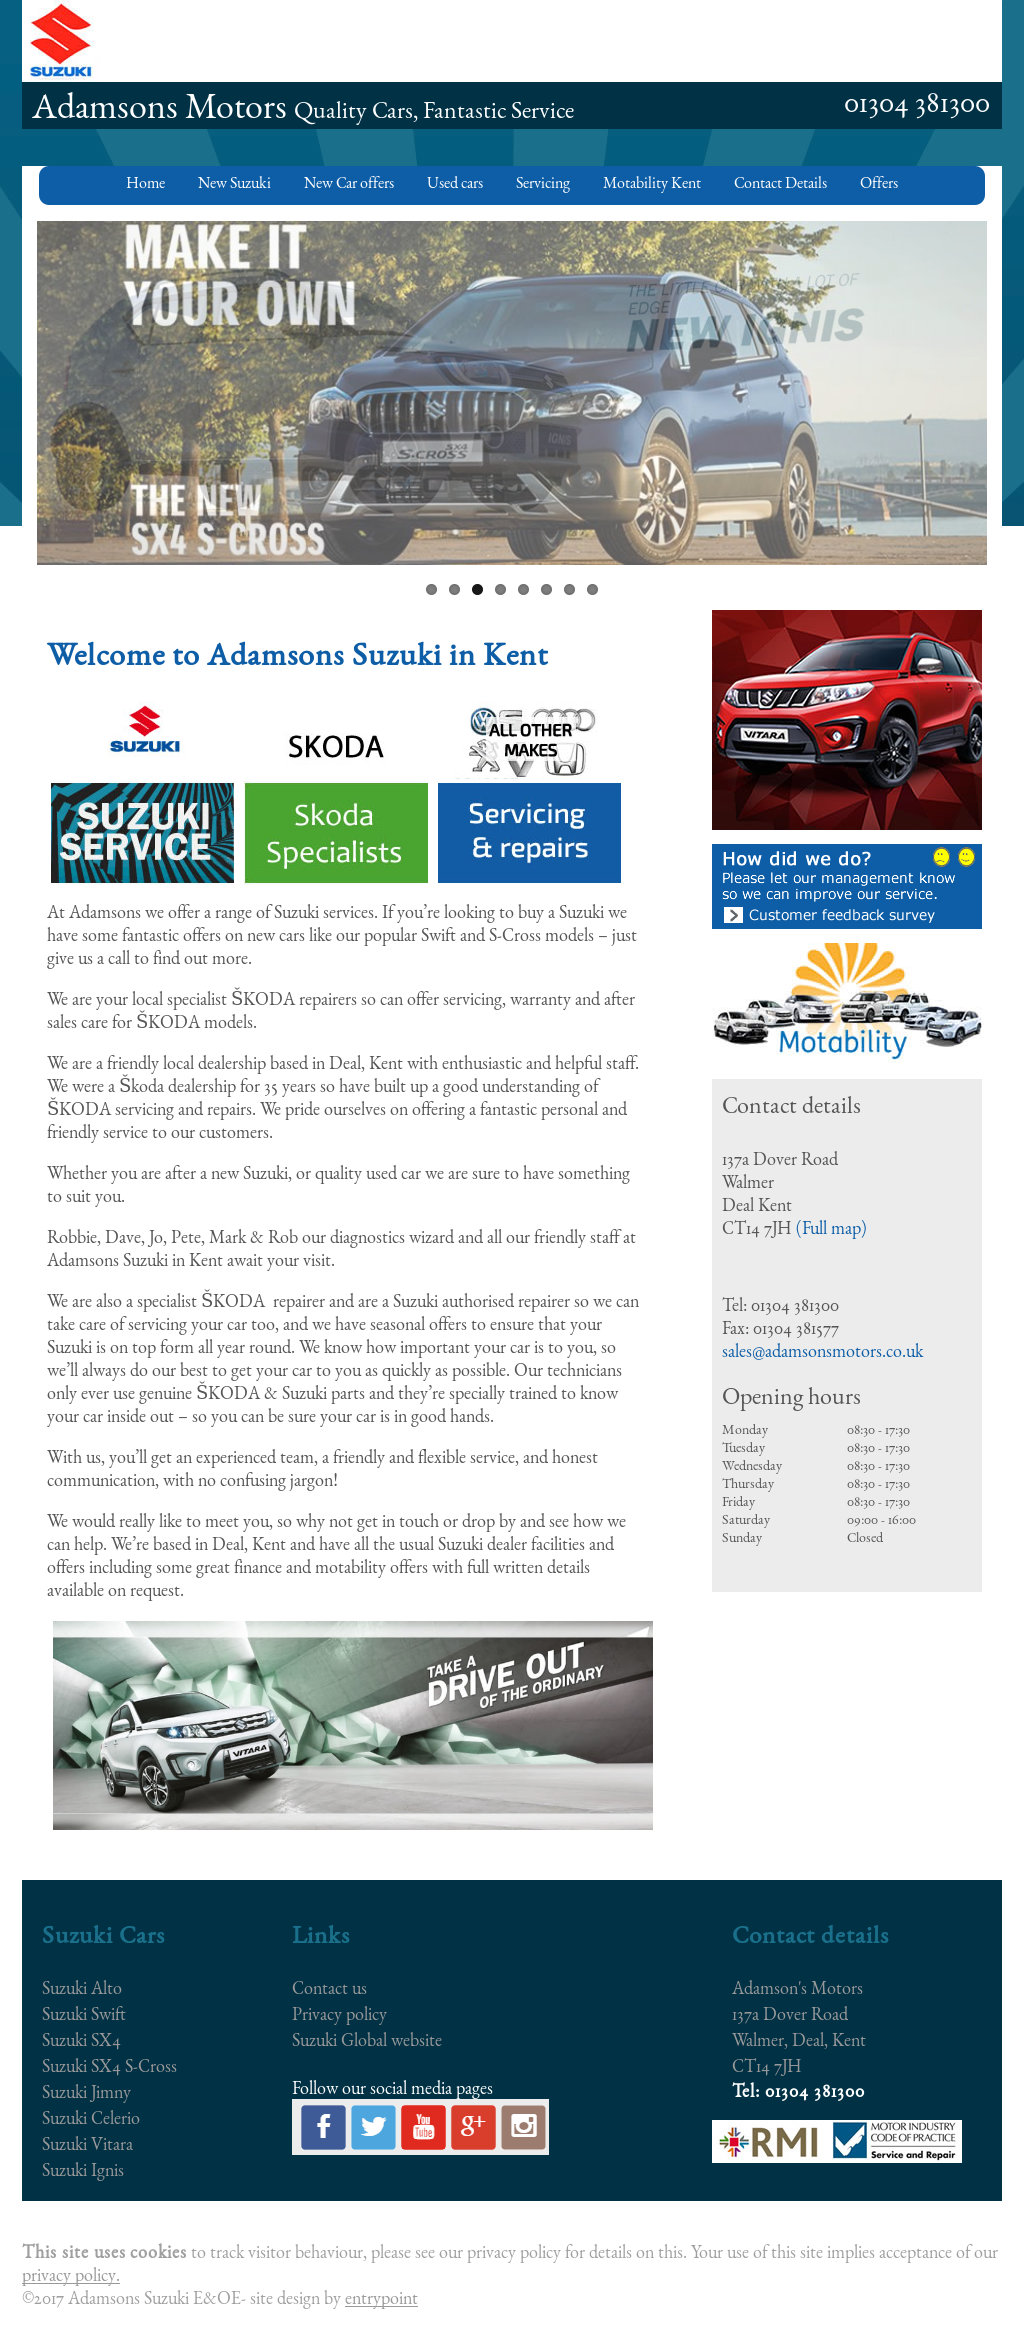 Adamson's Motors website history